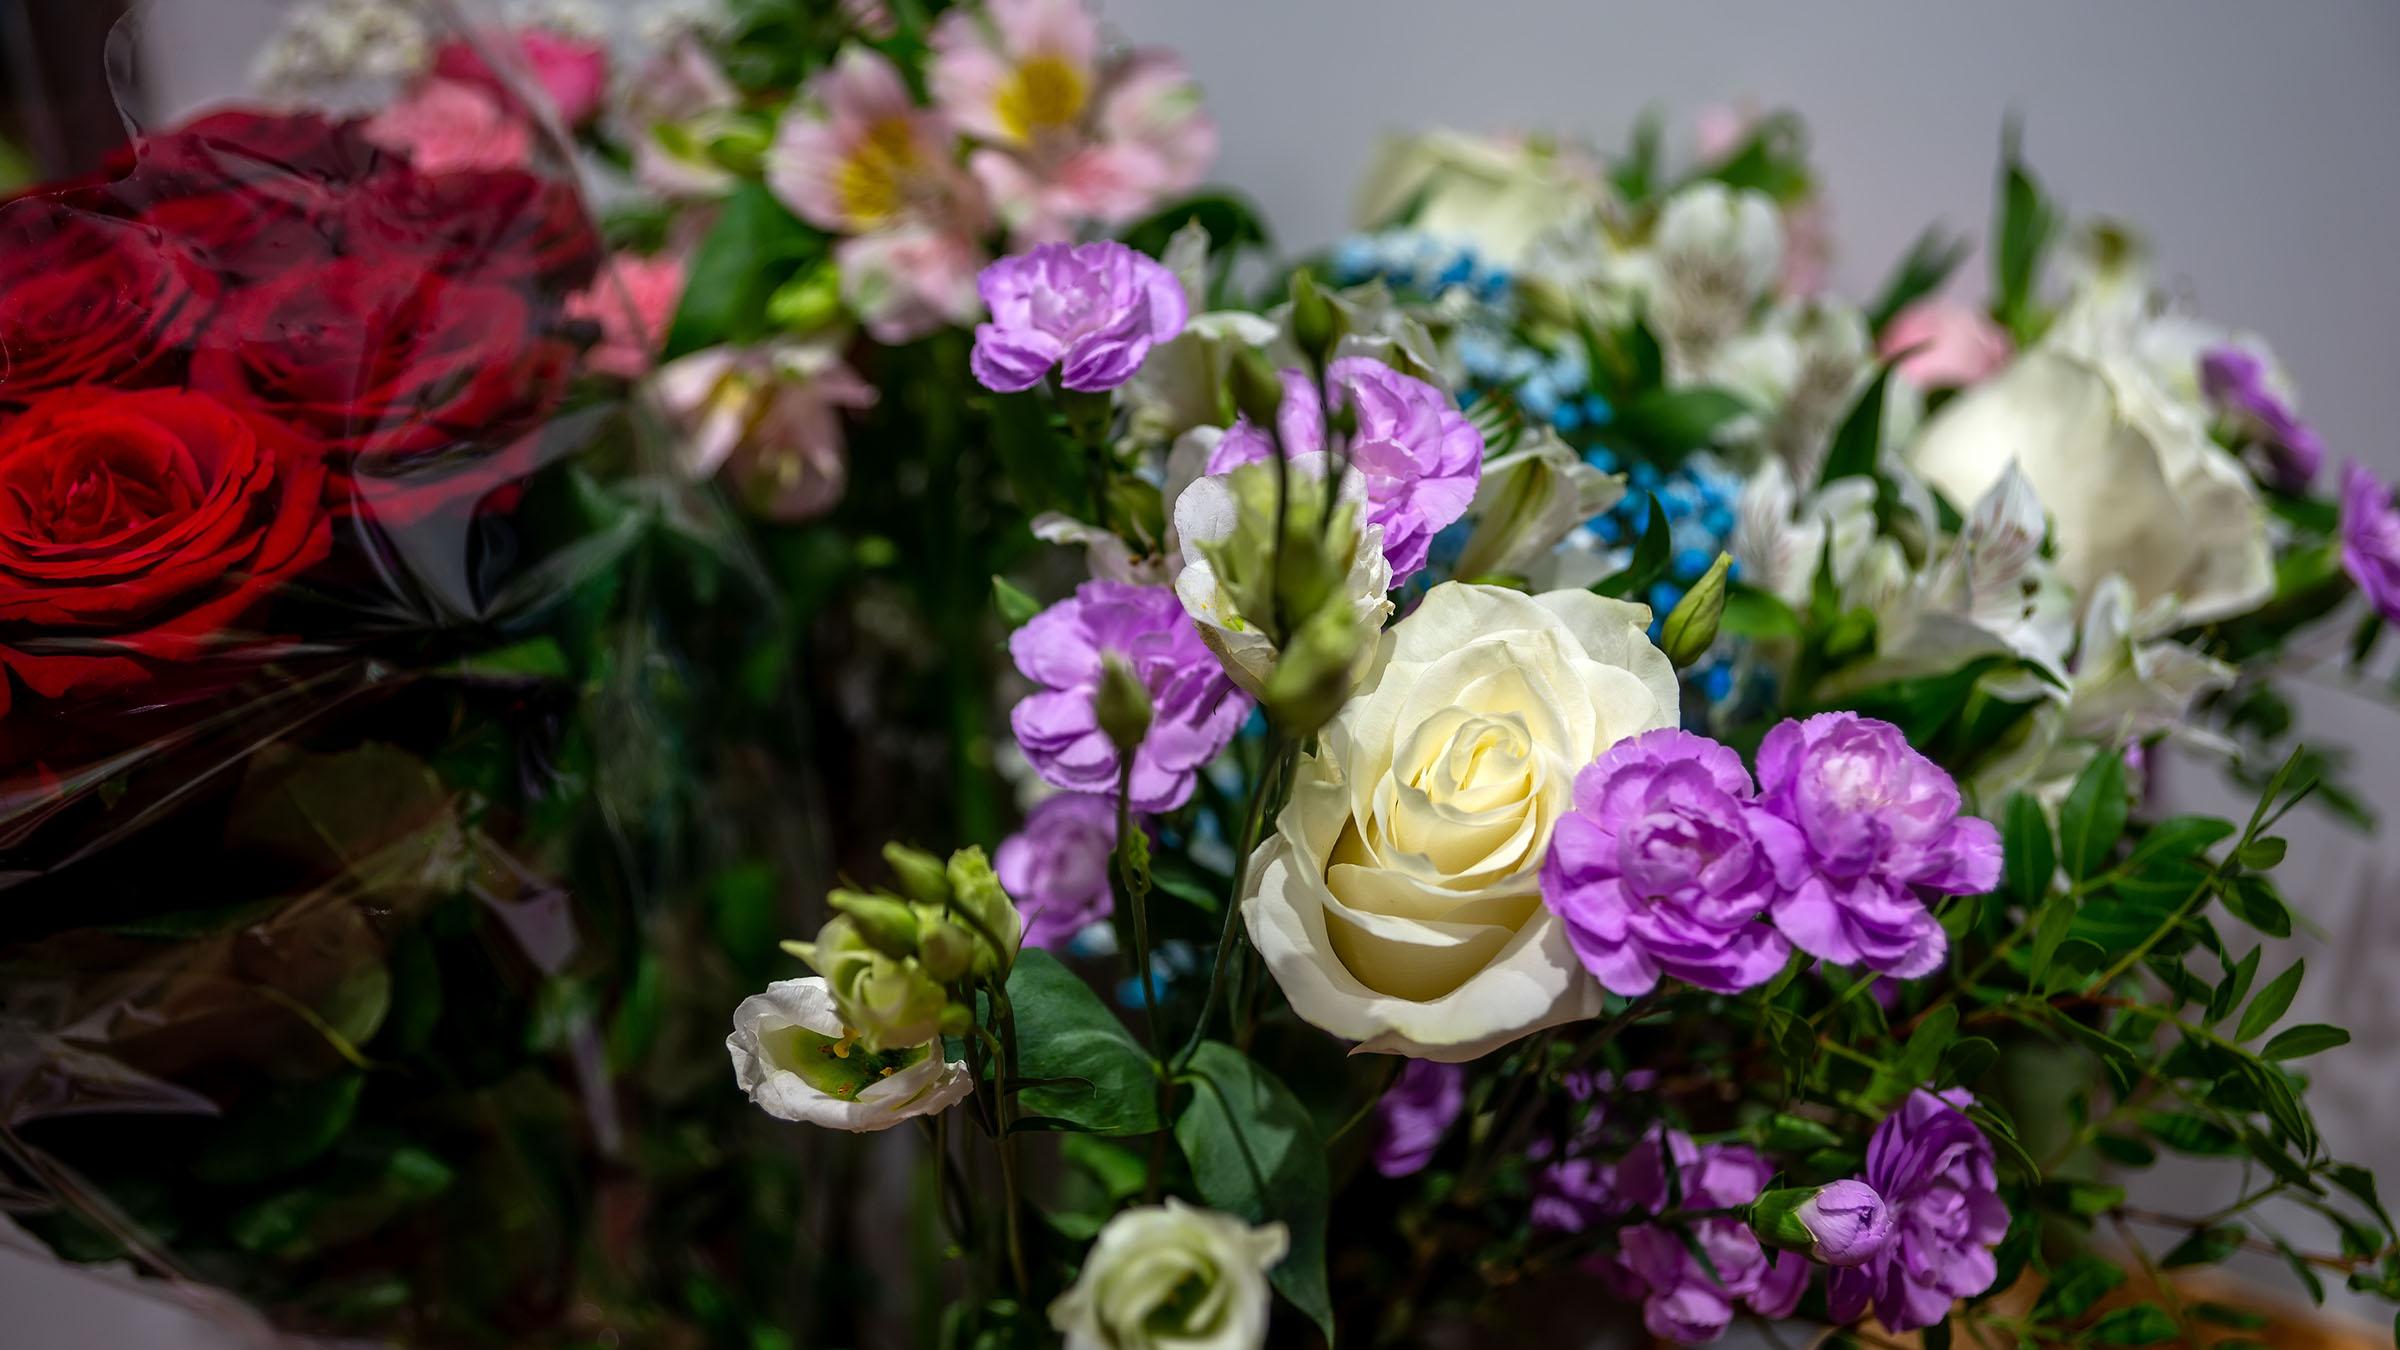 Букет цветов::Сентиментальное настроение (Дуэт АняМаня, Н. Григорьева)